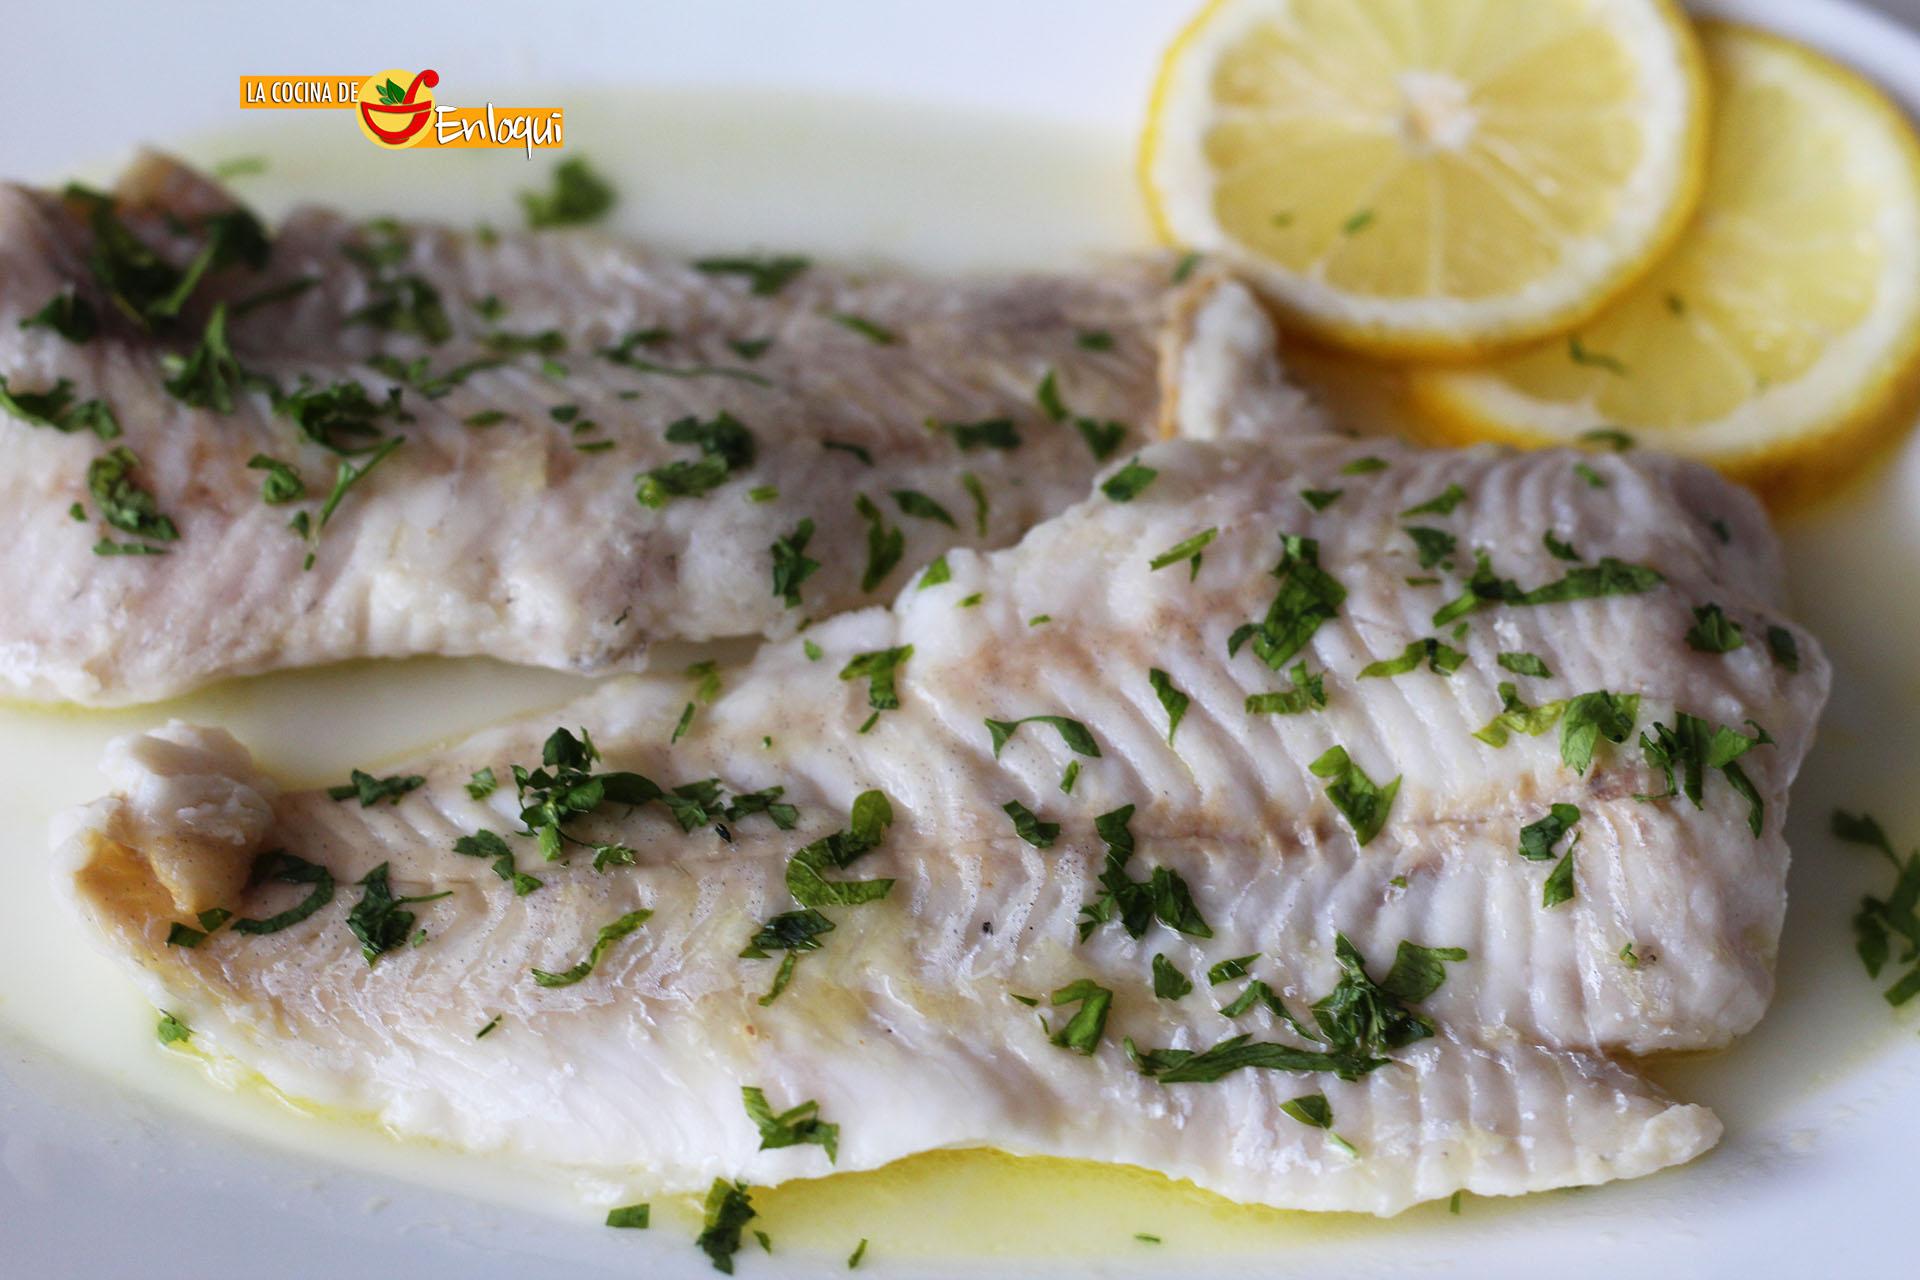 Pescado al lim n en el microondas la cocina de enloqui - Cocinar pescado en microondas ...